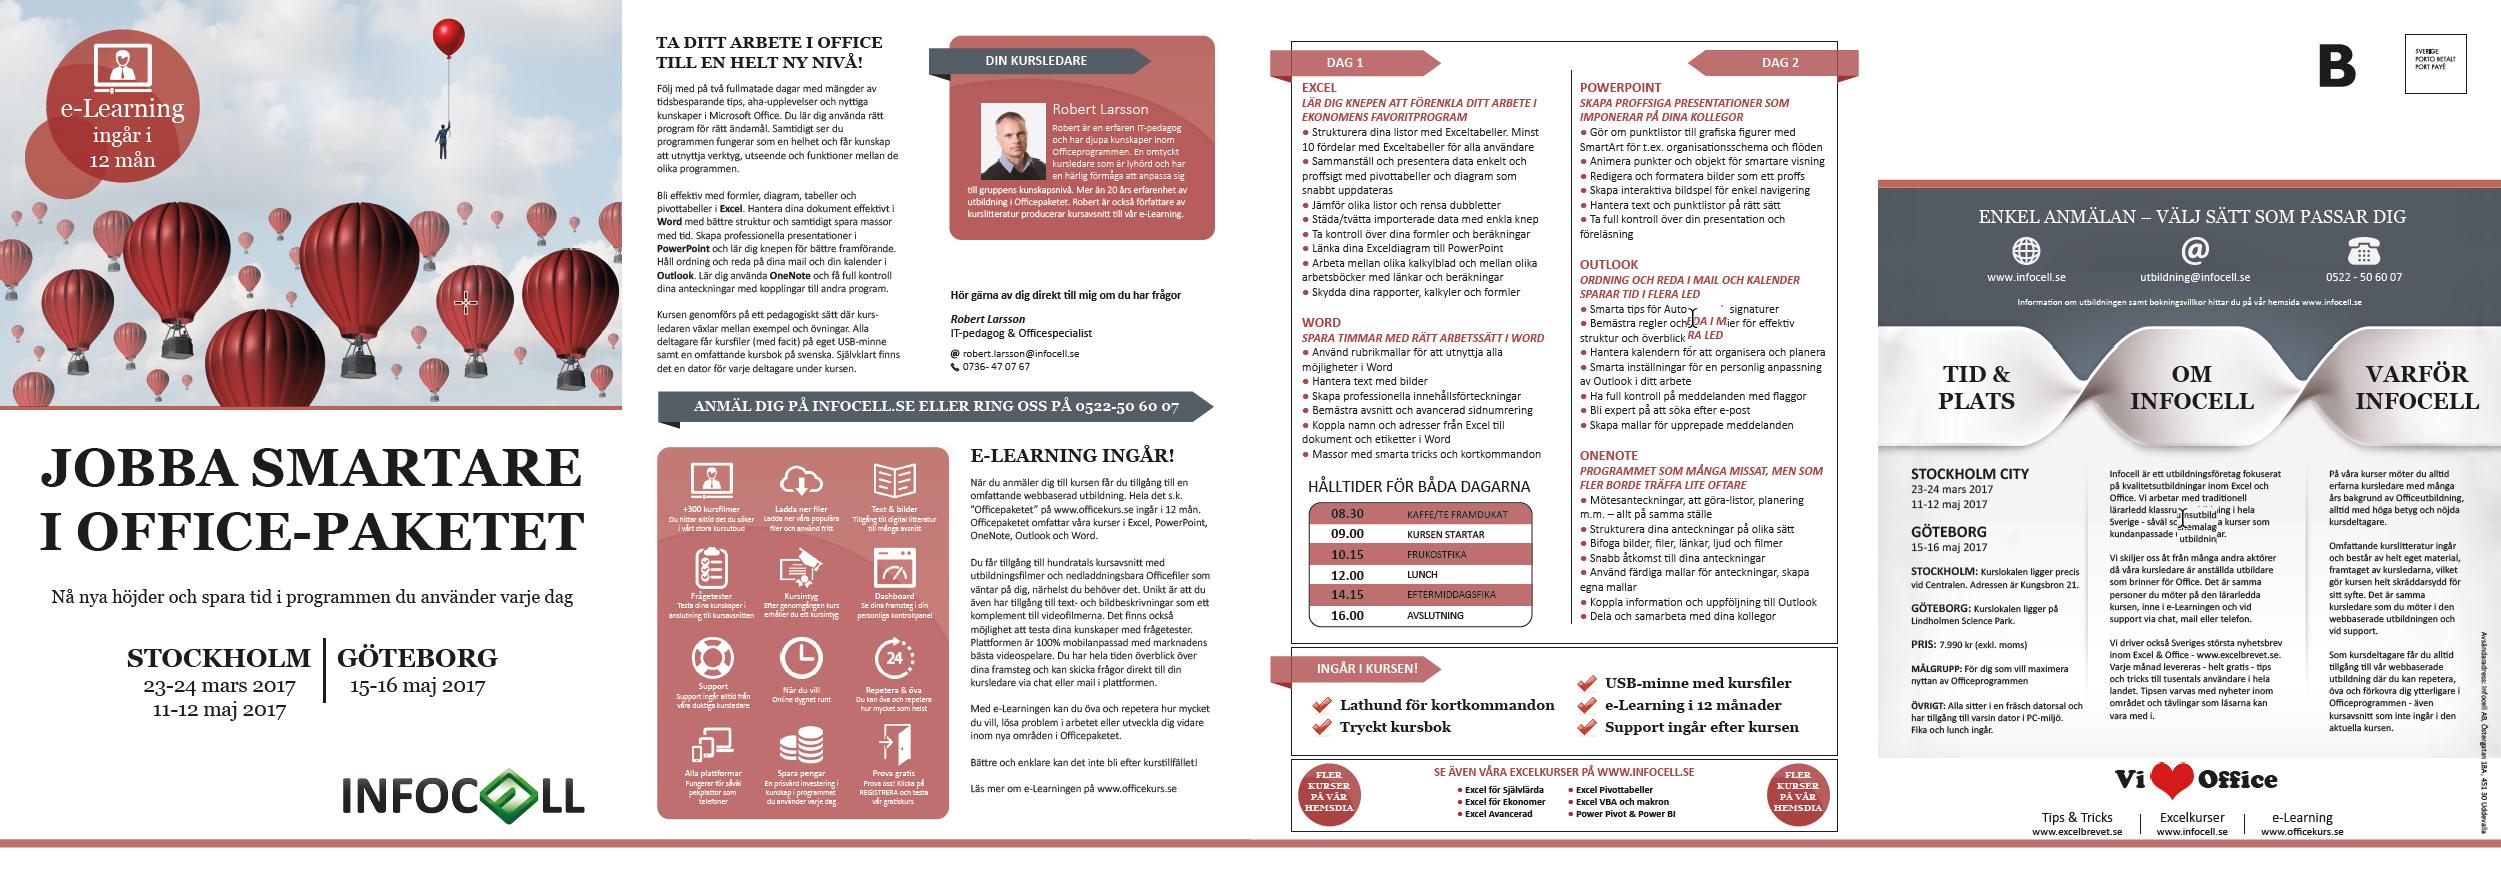 Produktblad - Jobba Smartare i Office-paketet